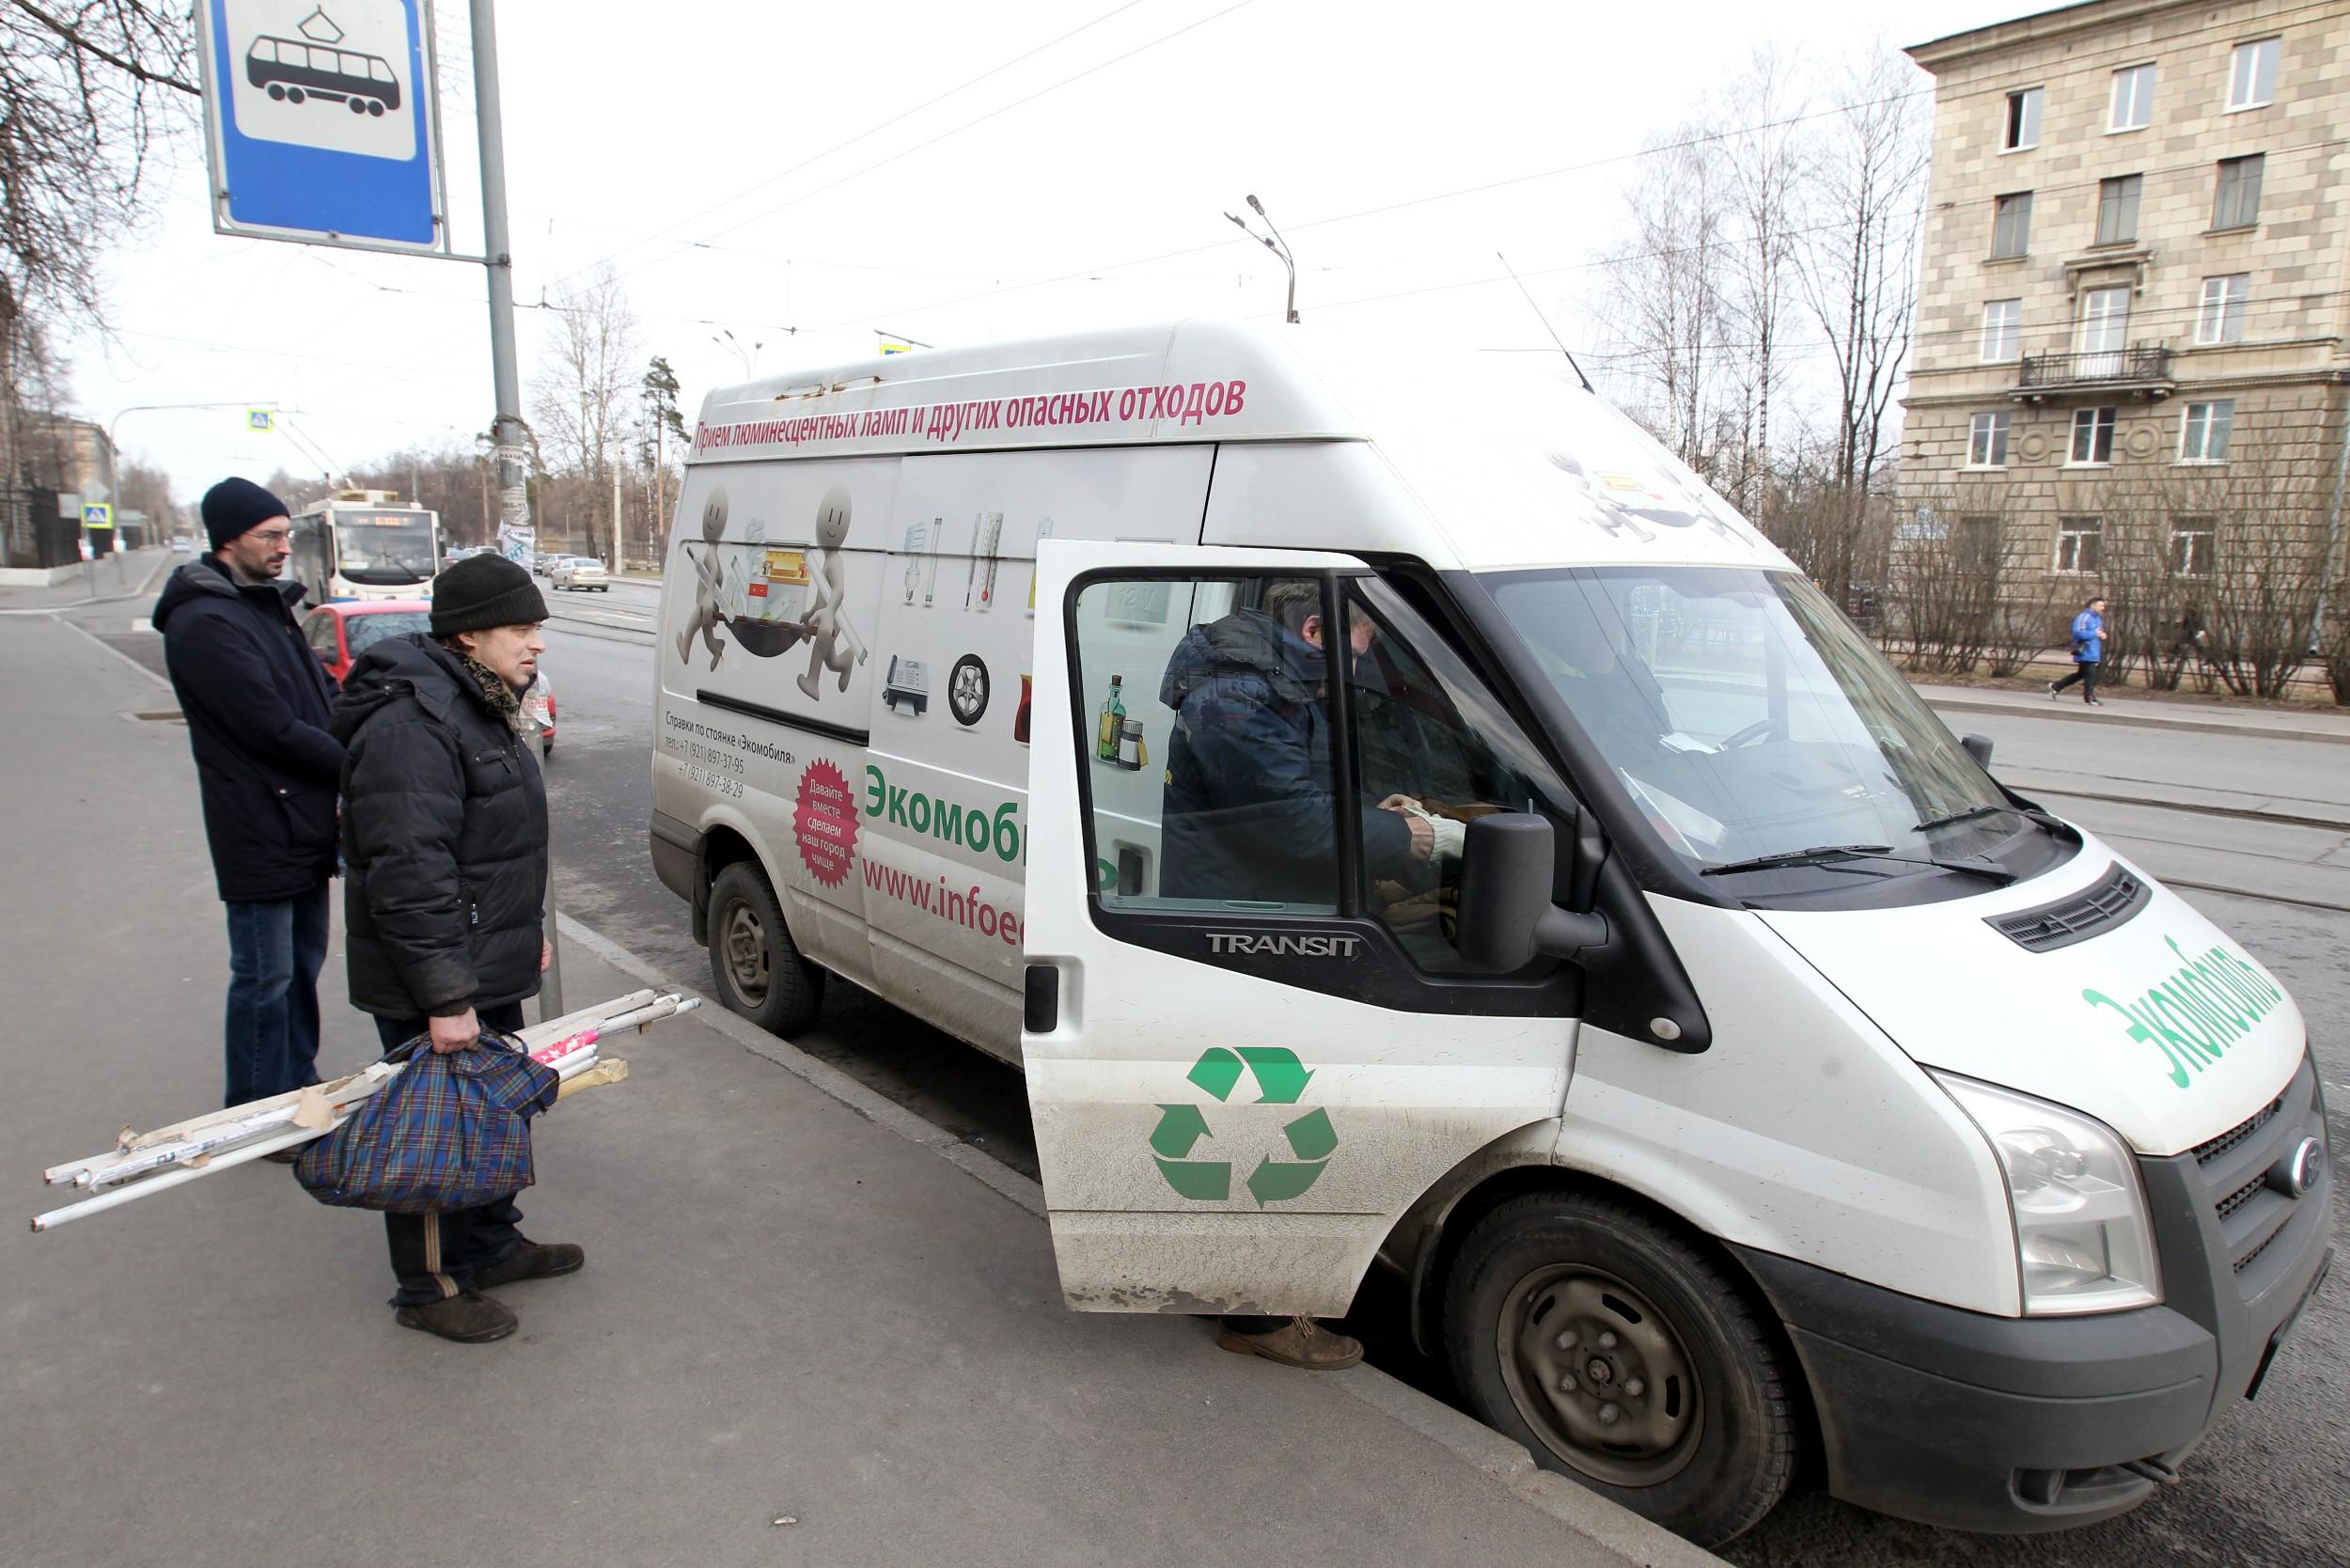 """Экомобиль. Фото: Илья Снопченко / ИА """"Диалог"""""""